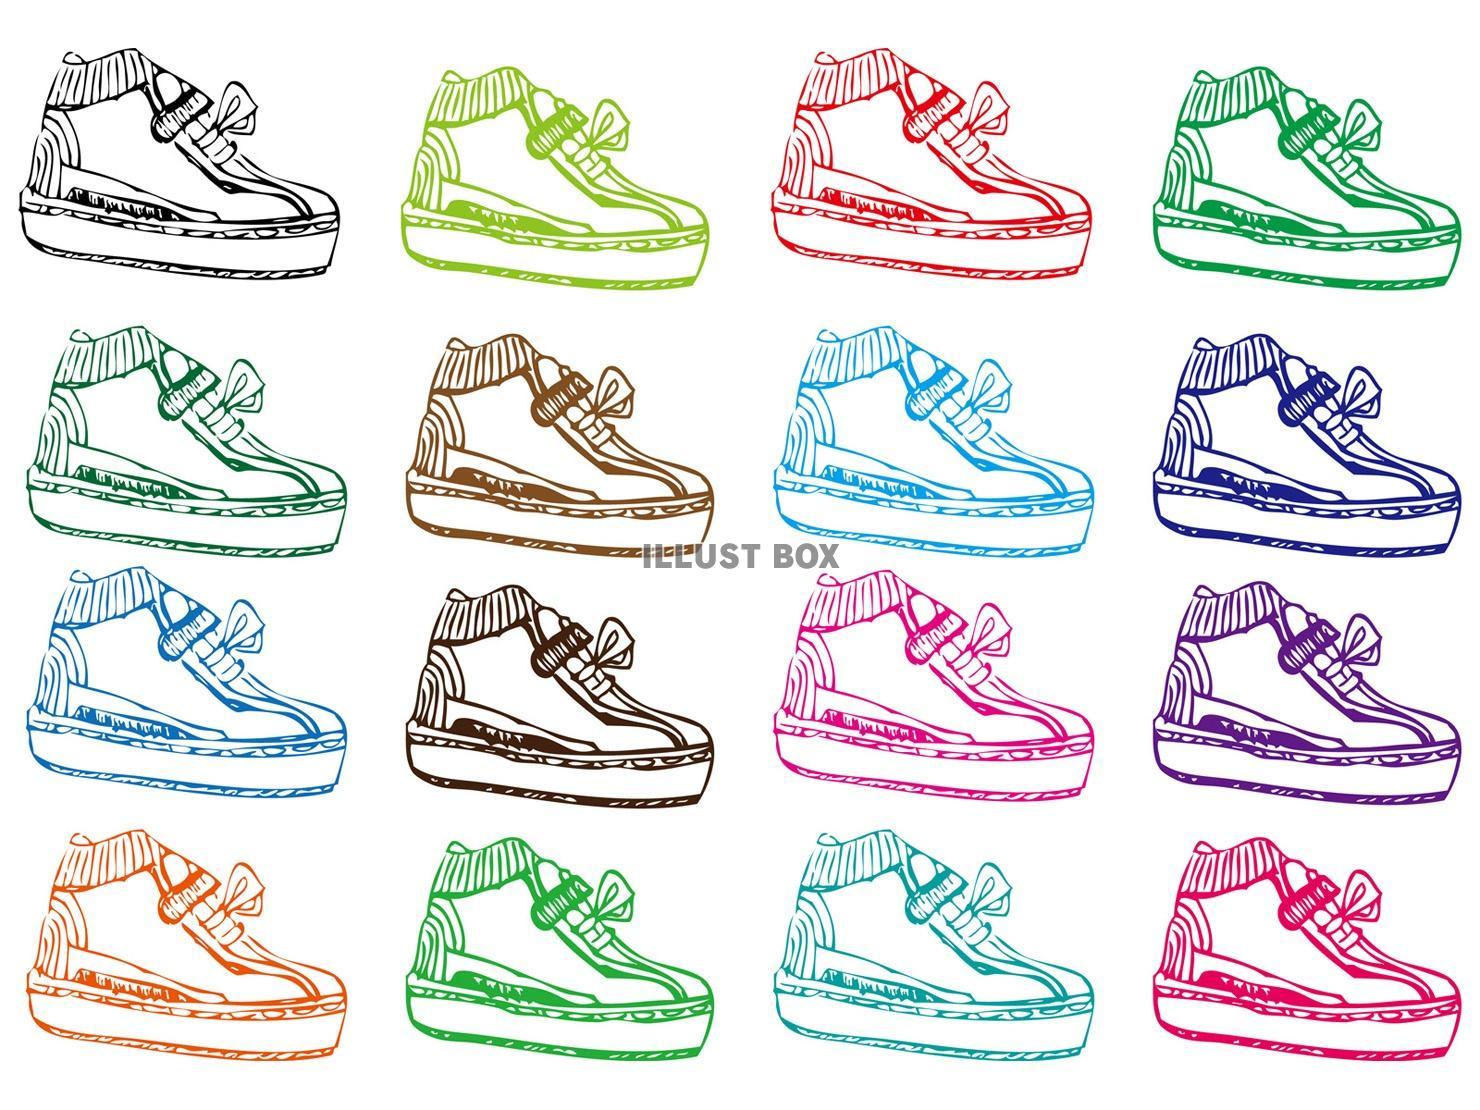 無料イラスト 運動靴スニーカー手書きイラスト素材背景,壁紙子供